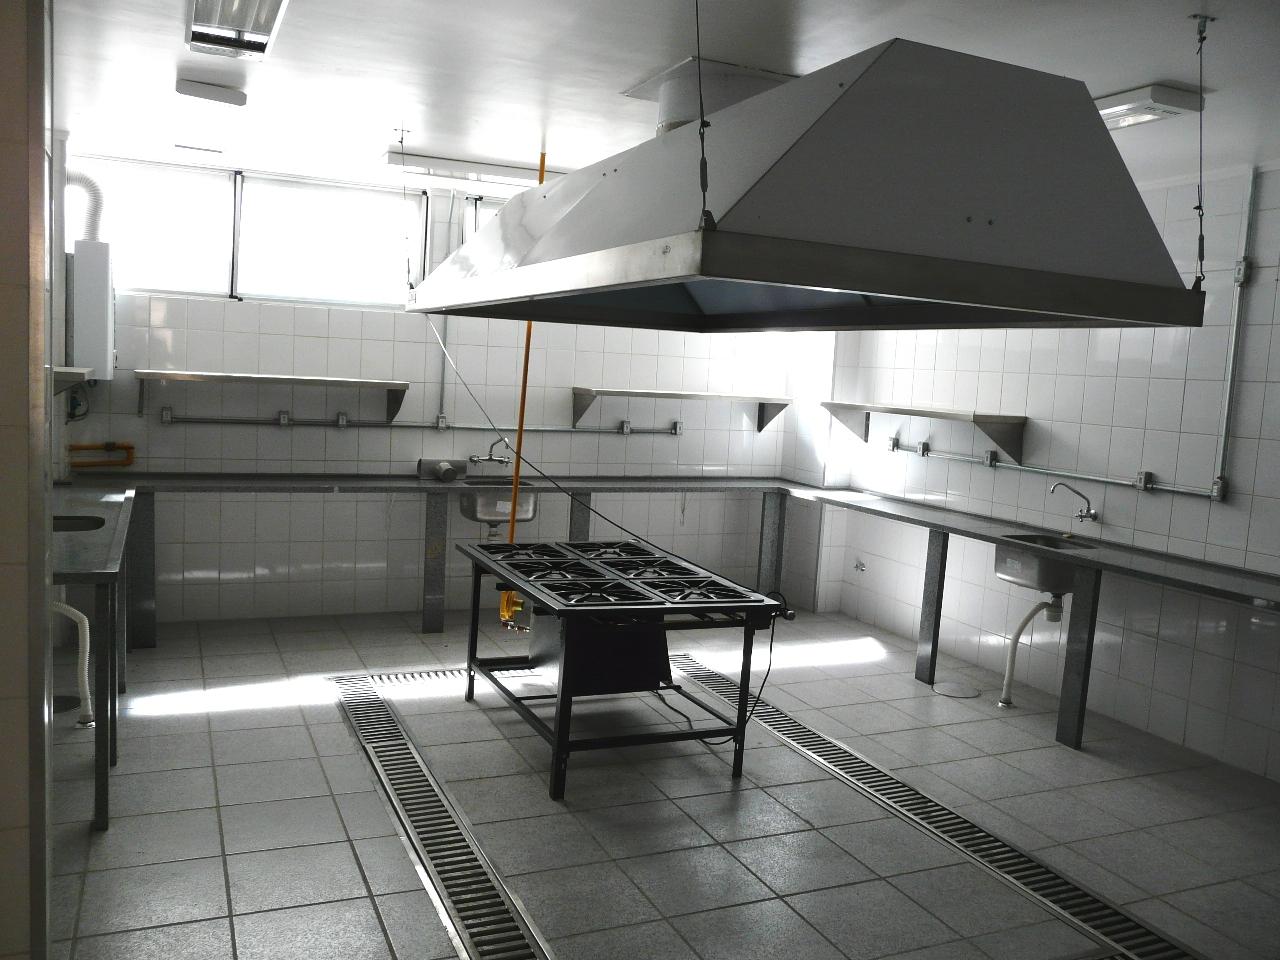 Cozinha Rest. da Defensoria Pública